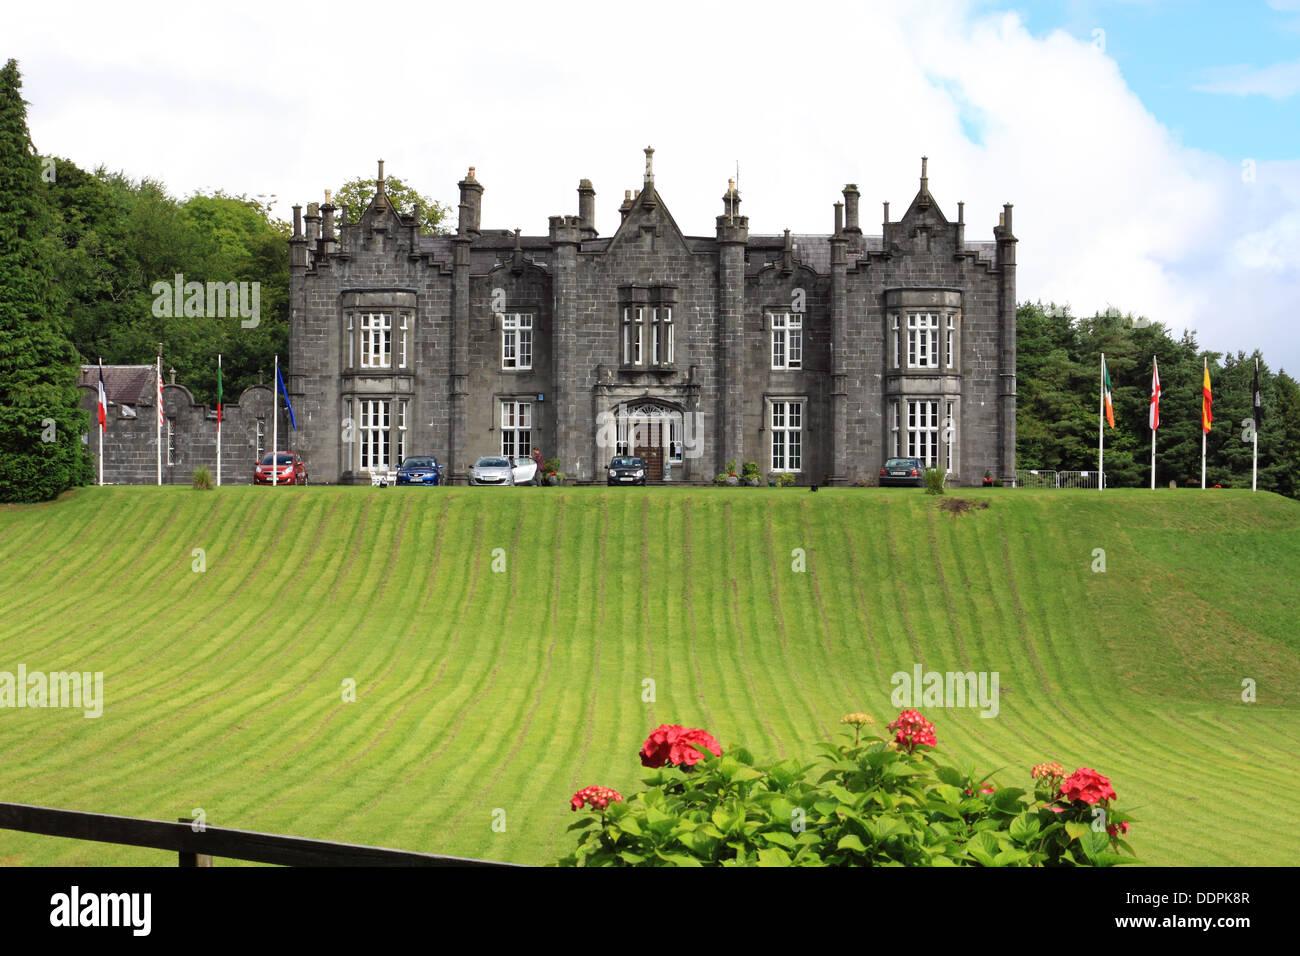 Belleek Castle Hotel, Ballina, County Mayo, Ireland - Stock Image